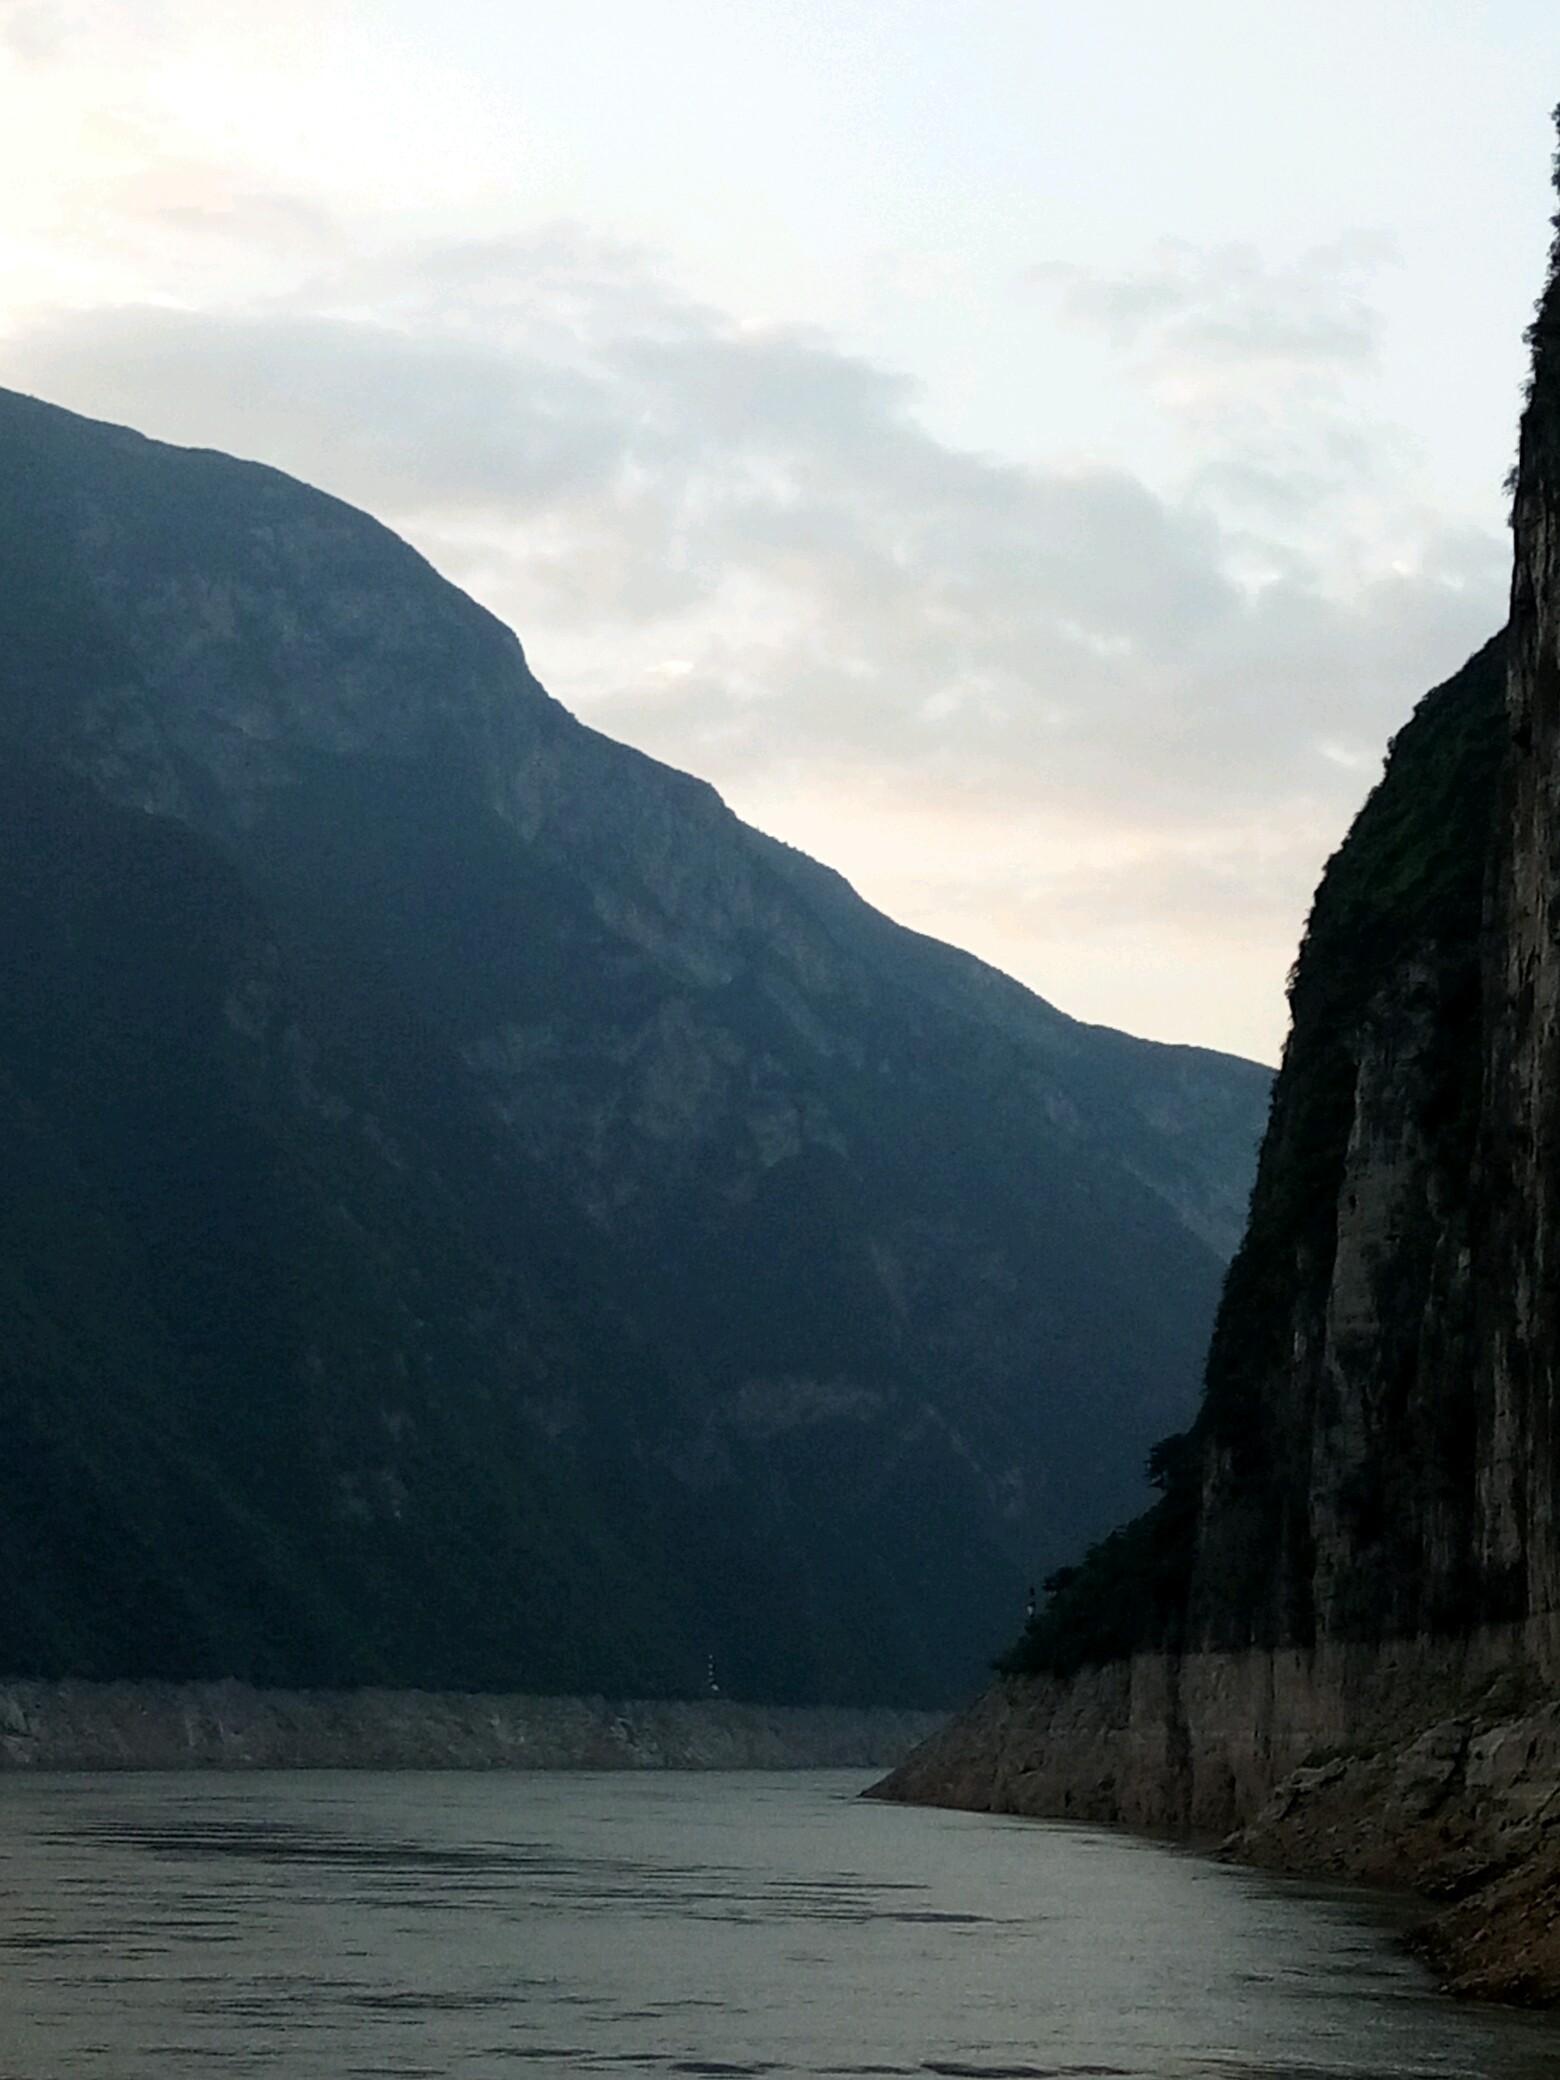 壁纸 大峡谷 风景 山水 桌面 1560_2080 竖版 竖屏 手机